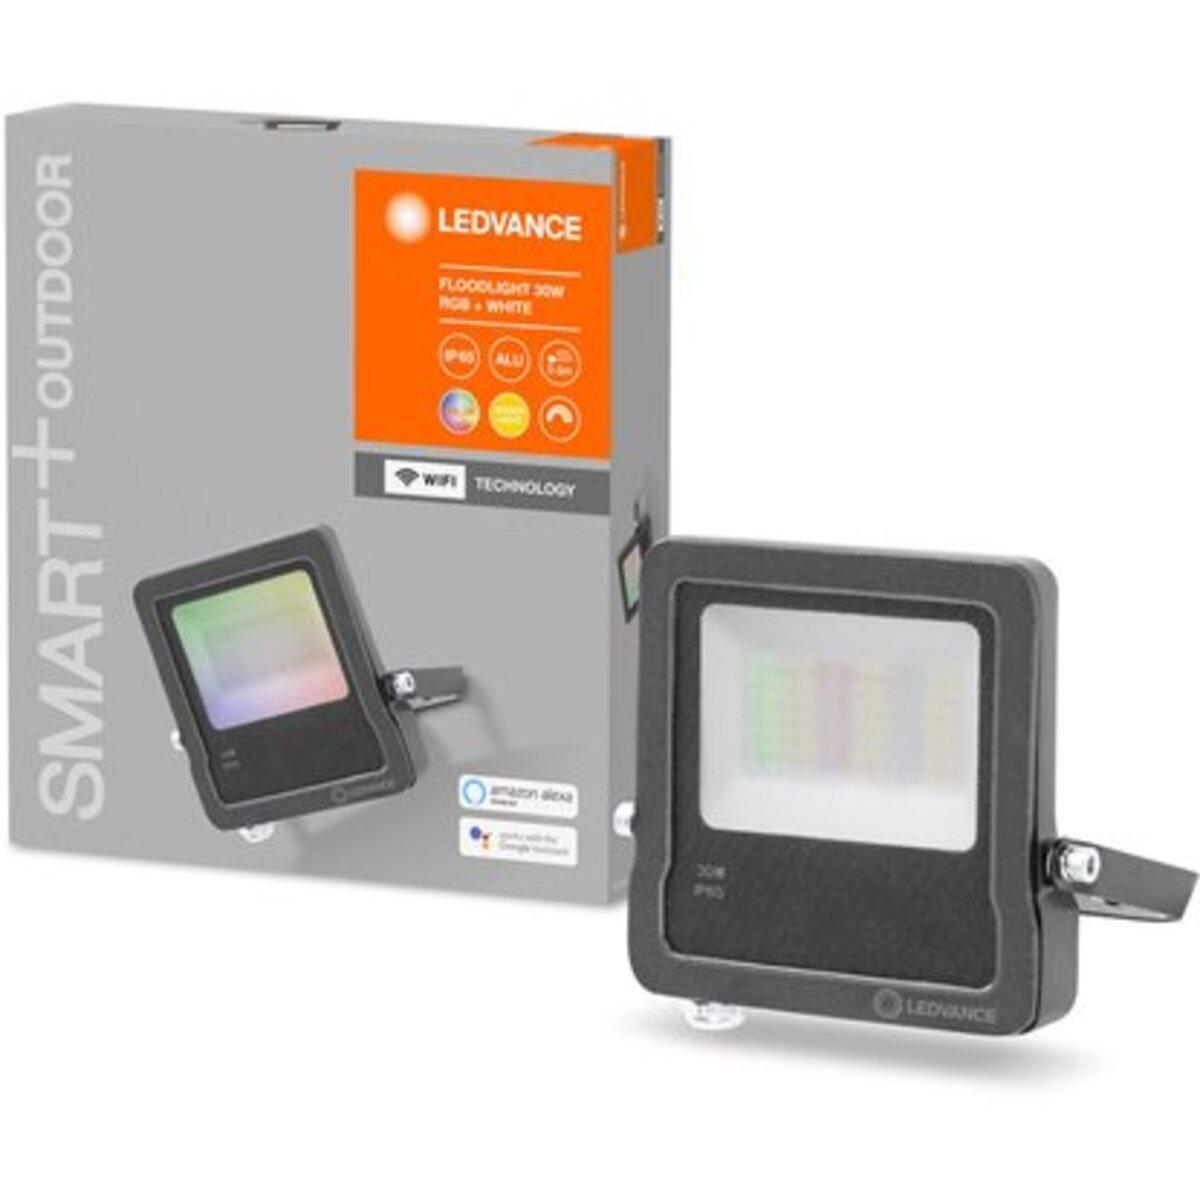 Bild 2 von Ledvance Smart+ WiFi LED-Fluter 30W Farbwechsel 16 Mio. Farben